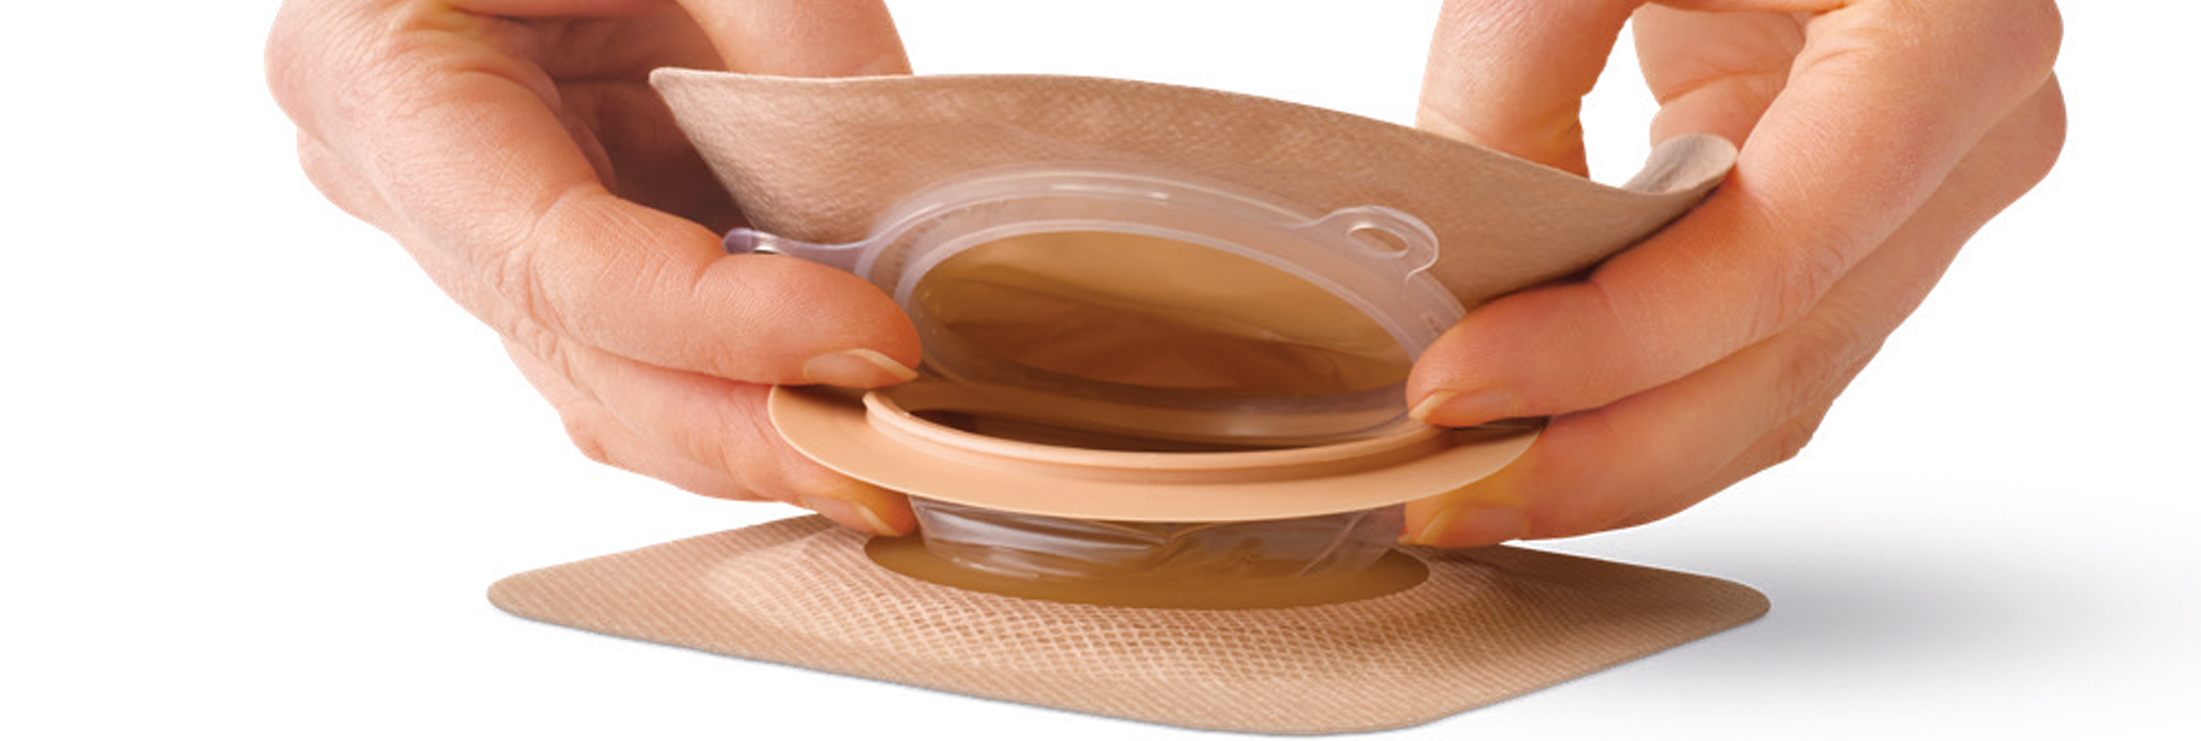 Natura<sup>®</sup>Plus: die zweiteilige Stomaversorgung für maximale Sicherheit